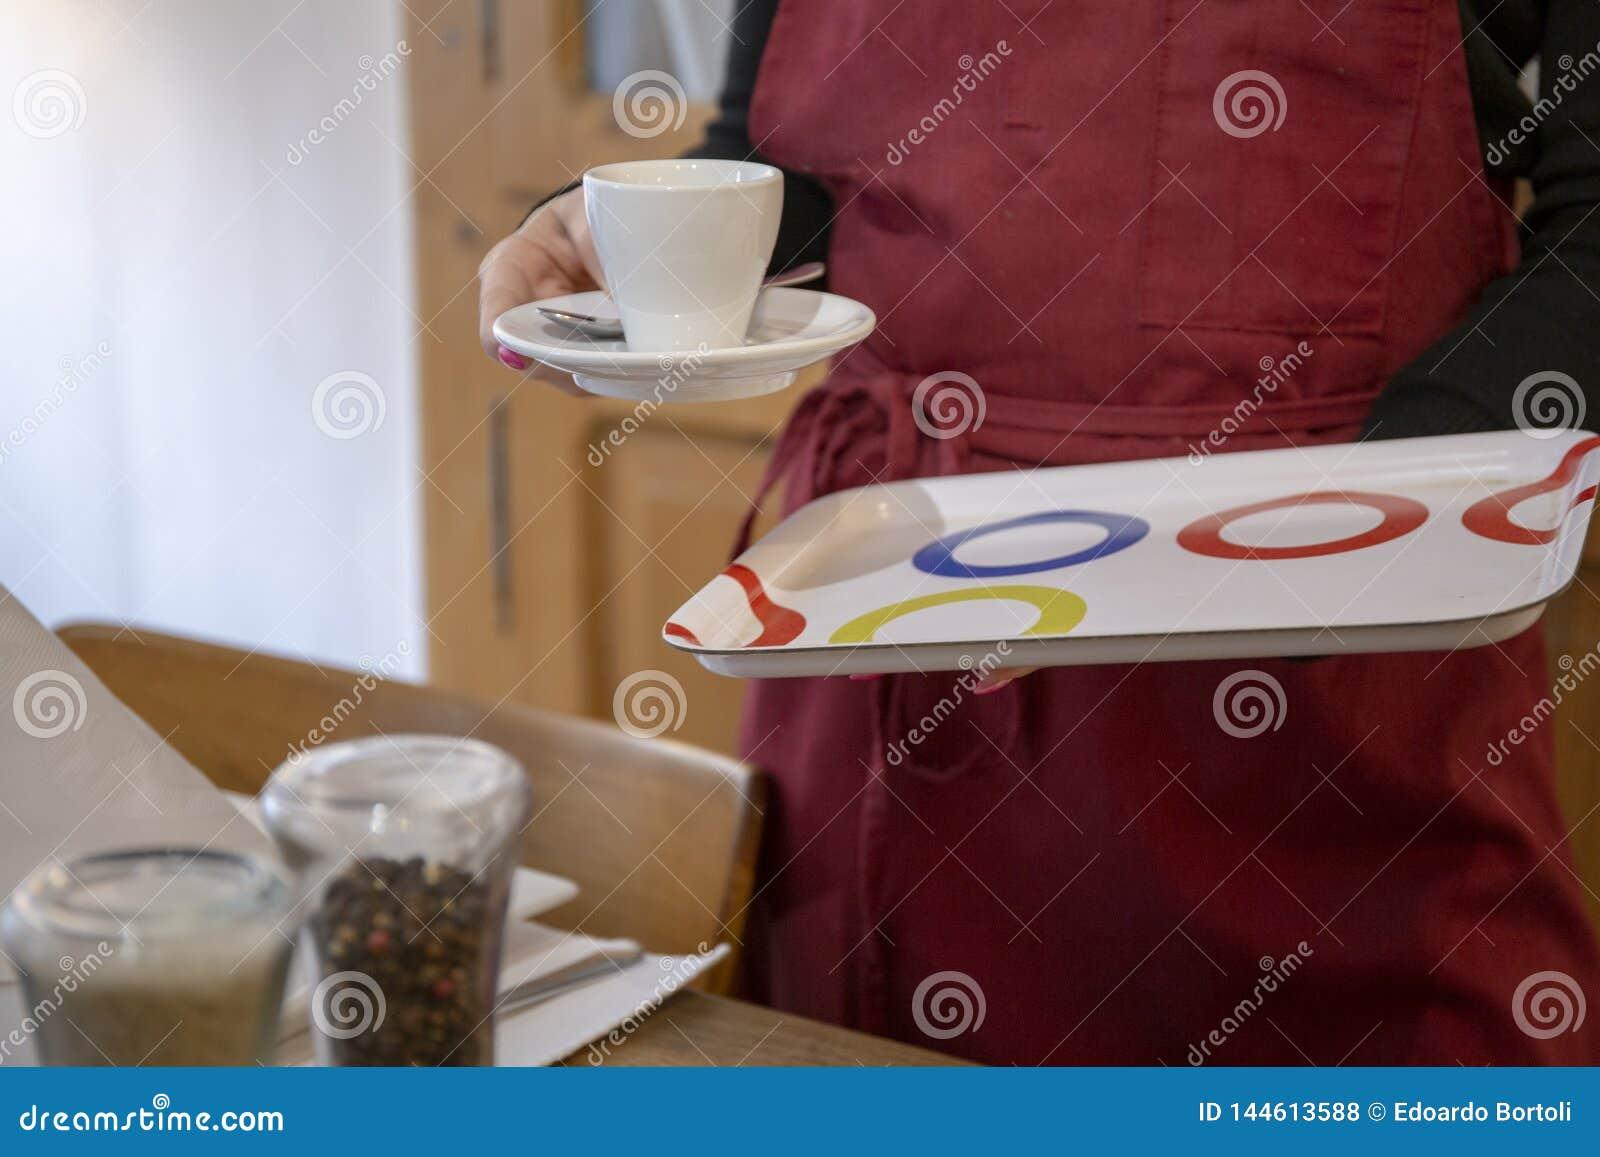 Taza de café en el restaurante